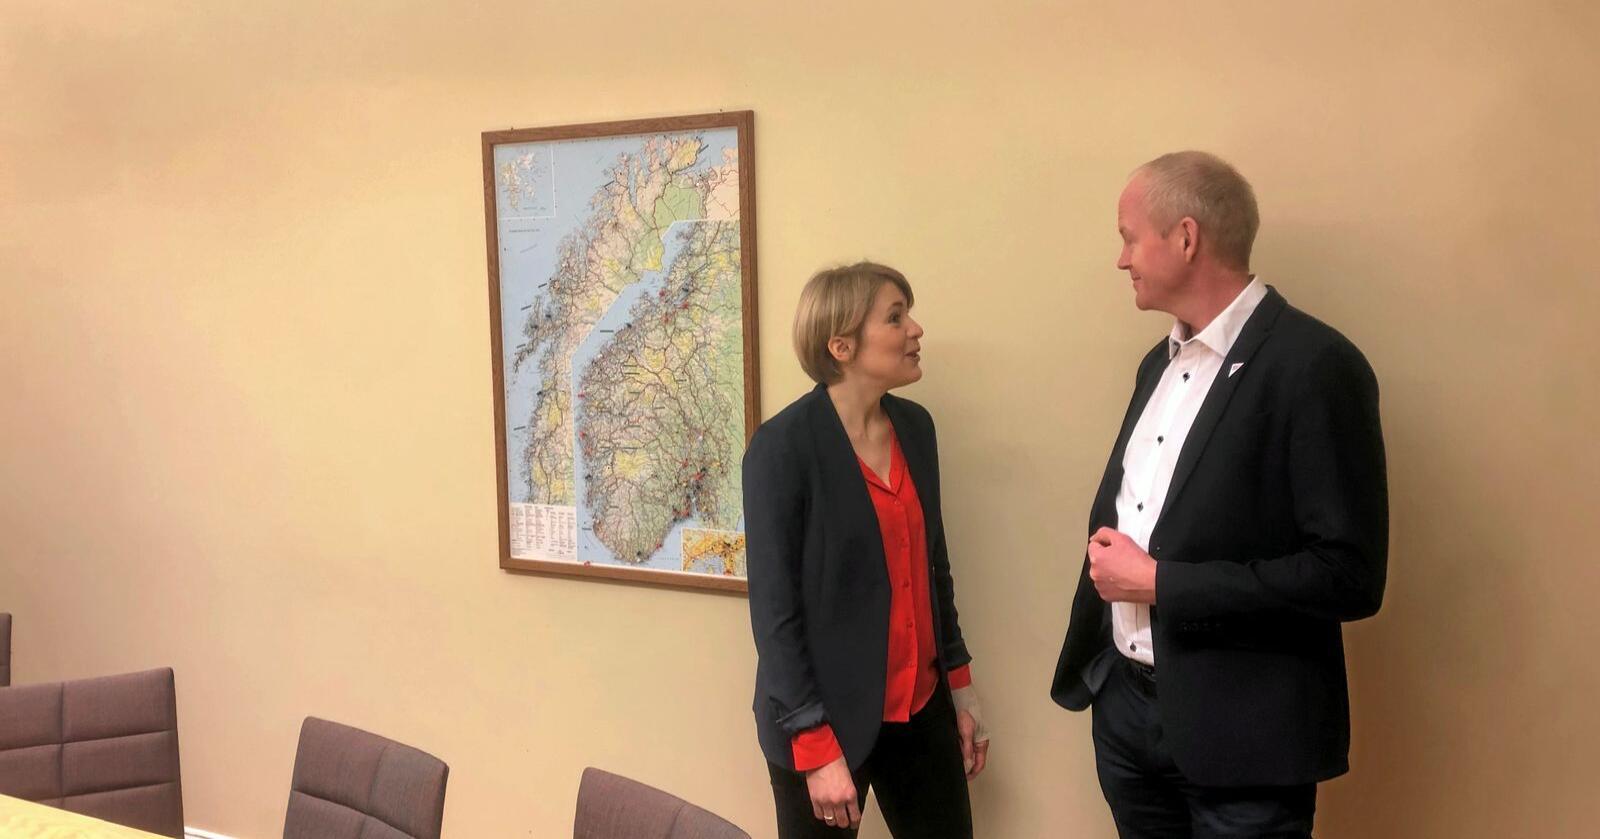 Kari Kaski og Lars Haltbrekken mener vindkrafta må eies og forvaltes av det offentlige, men møtes med kald skulder av Sp og Ap. Foto: Sivert Rossing